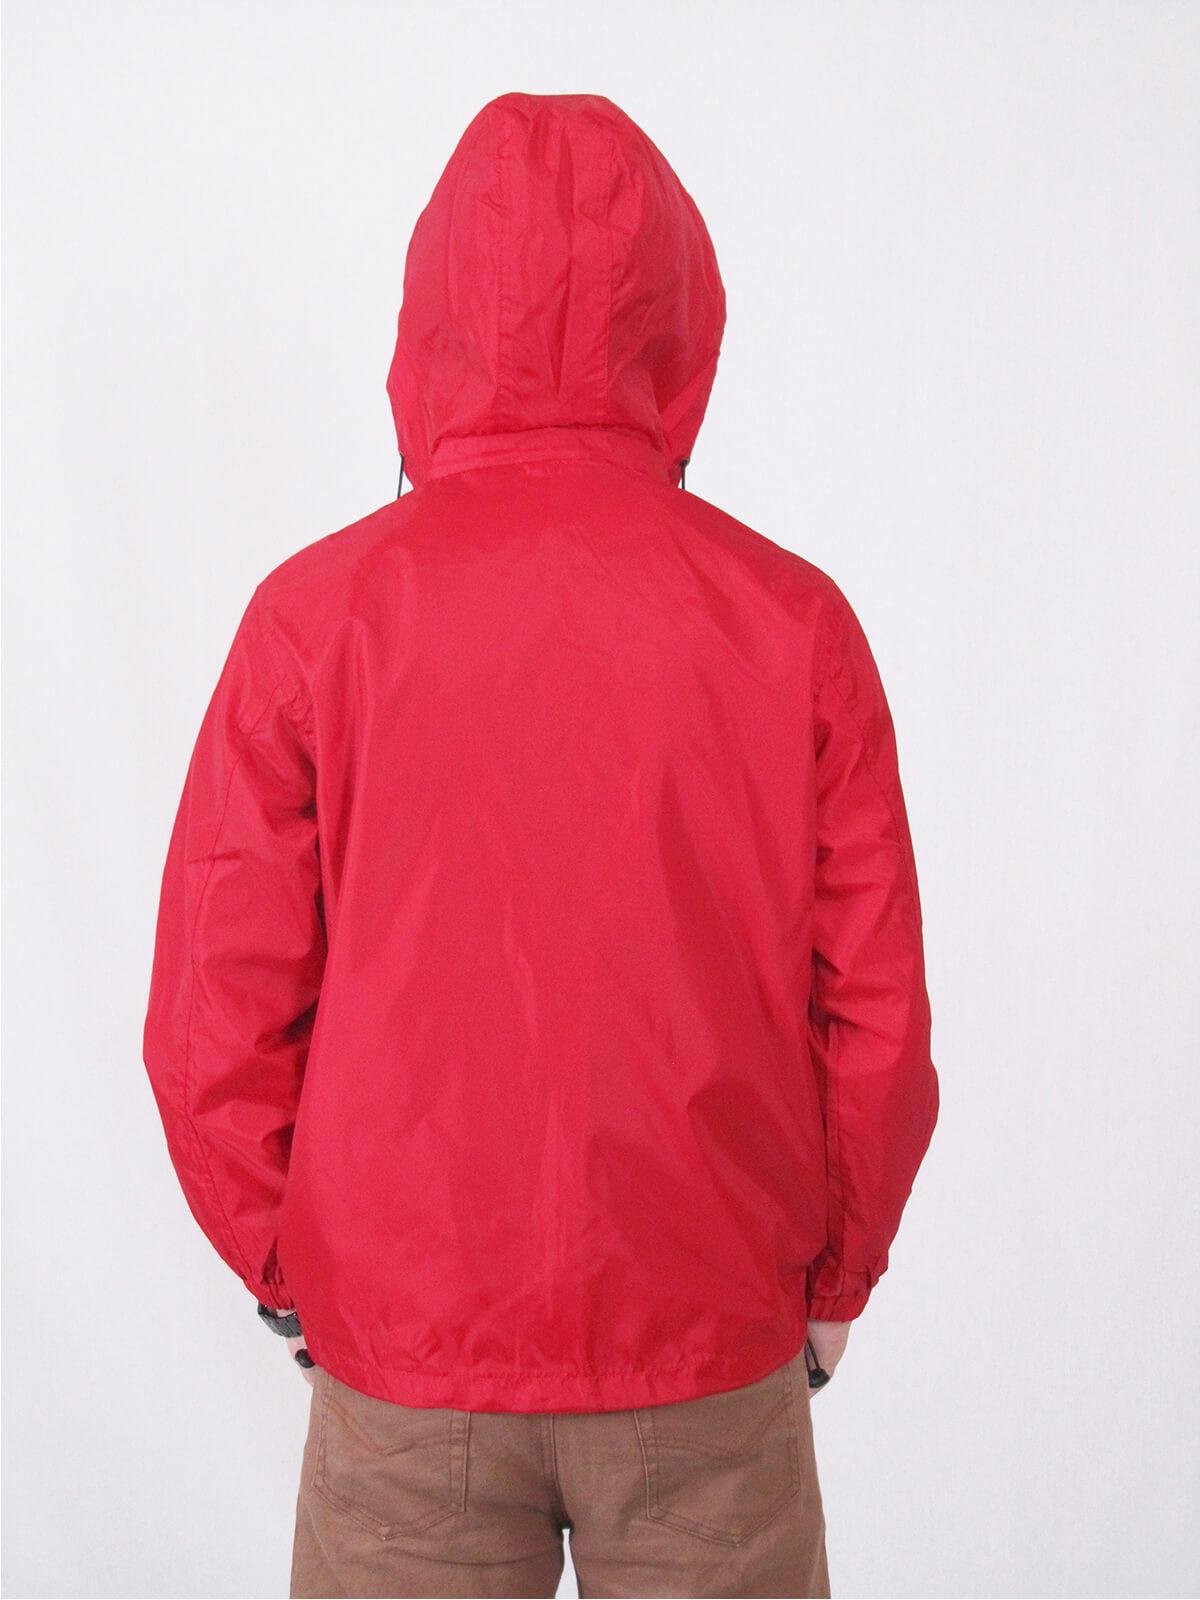 抗紫外線防曬薄外套 防風防潑水休閒外套 抗UV機能布料素面外套 遮陽外套 附帽可拆 風衣外套 輕量薄外套 ANTI-UV THIN COAT JACKET (321-8816-01)黑色、(321-8816-02)深藍色、(321-8816-03)紅色 M L XL 2L 3L 4L 5L(胸圍:45~57英吋) [實體店面保障] sun-e 6